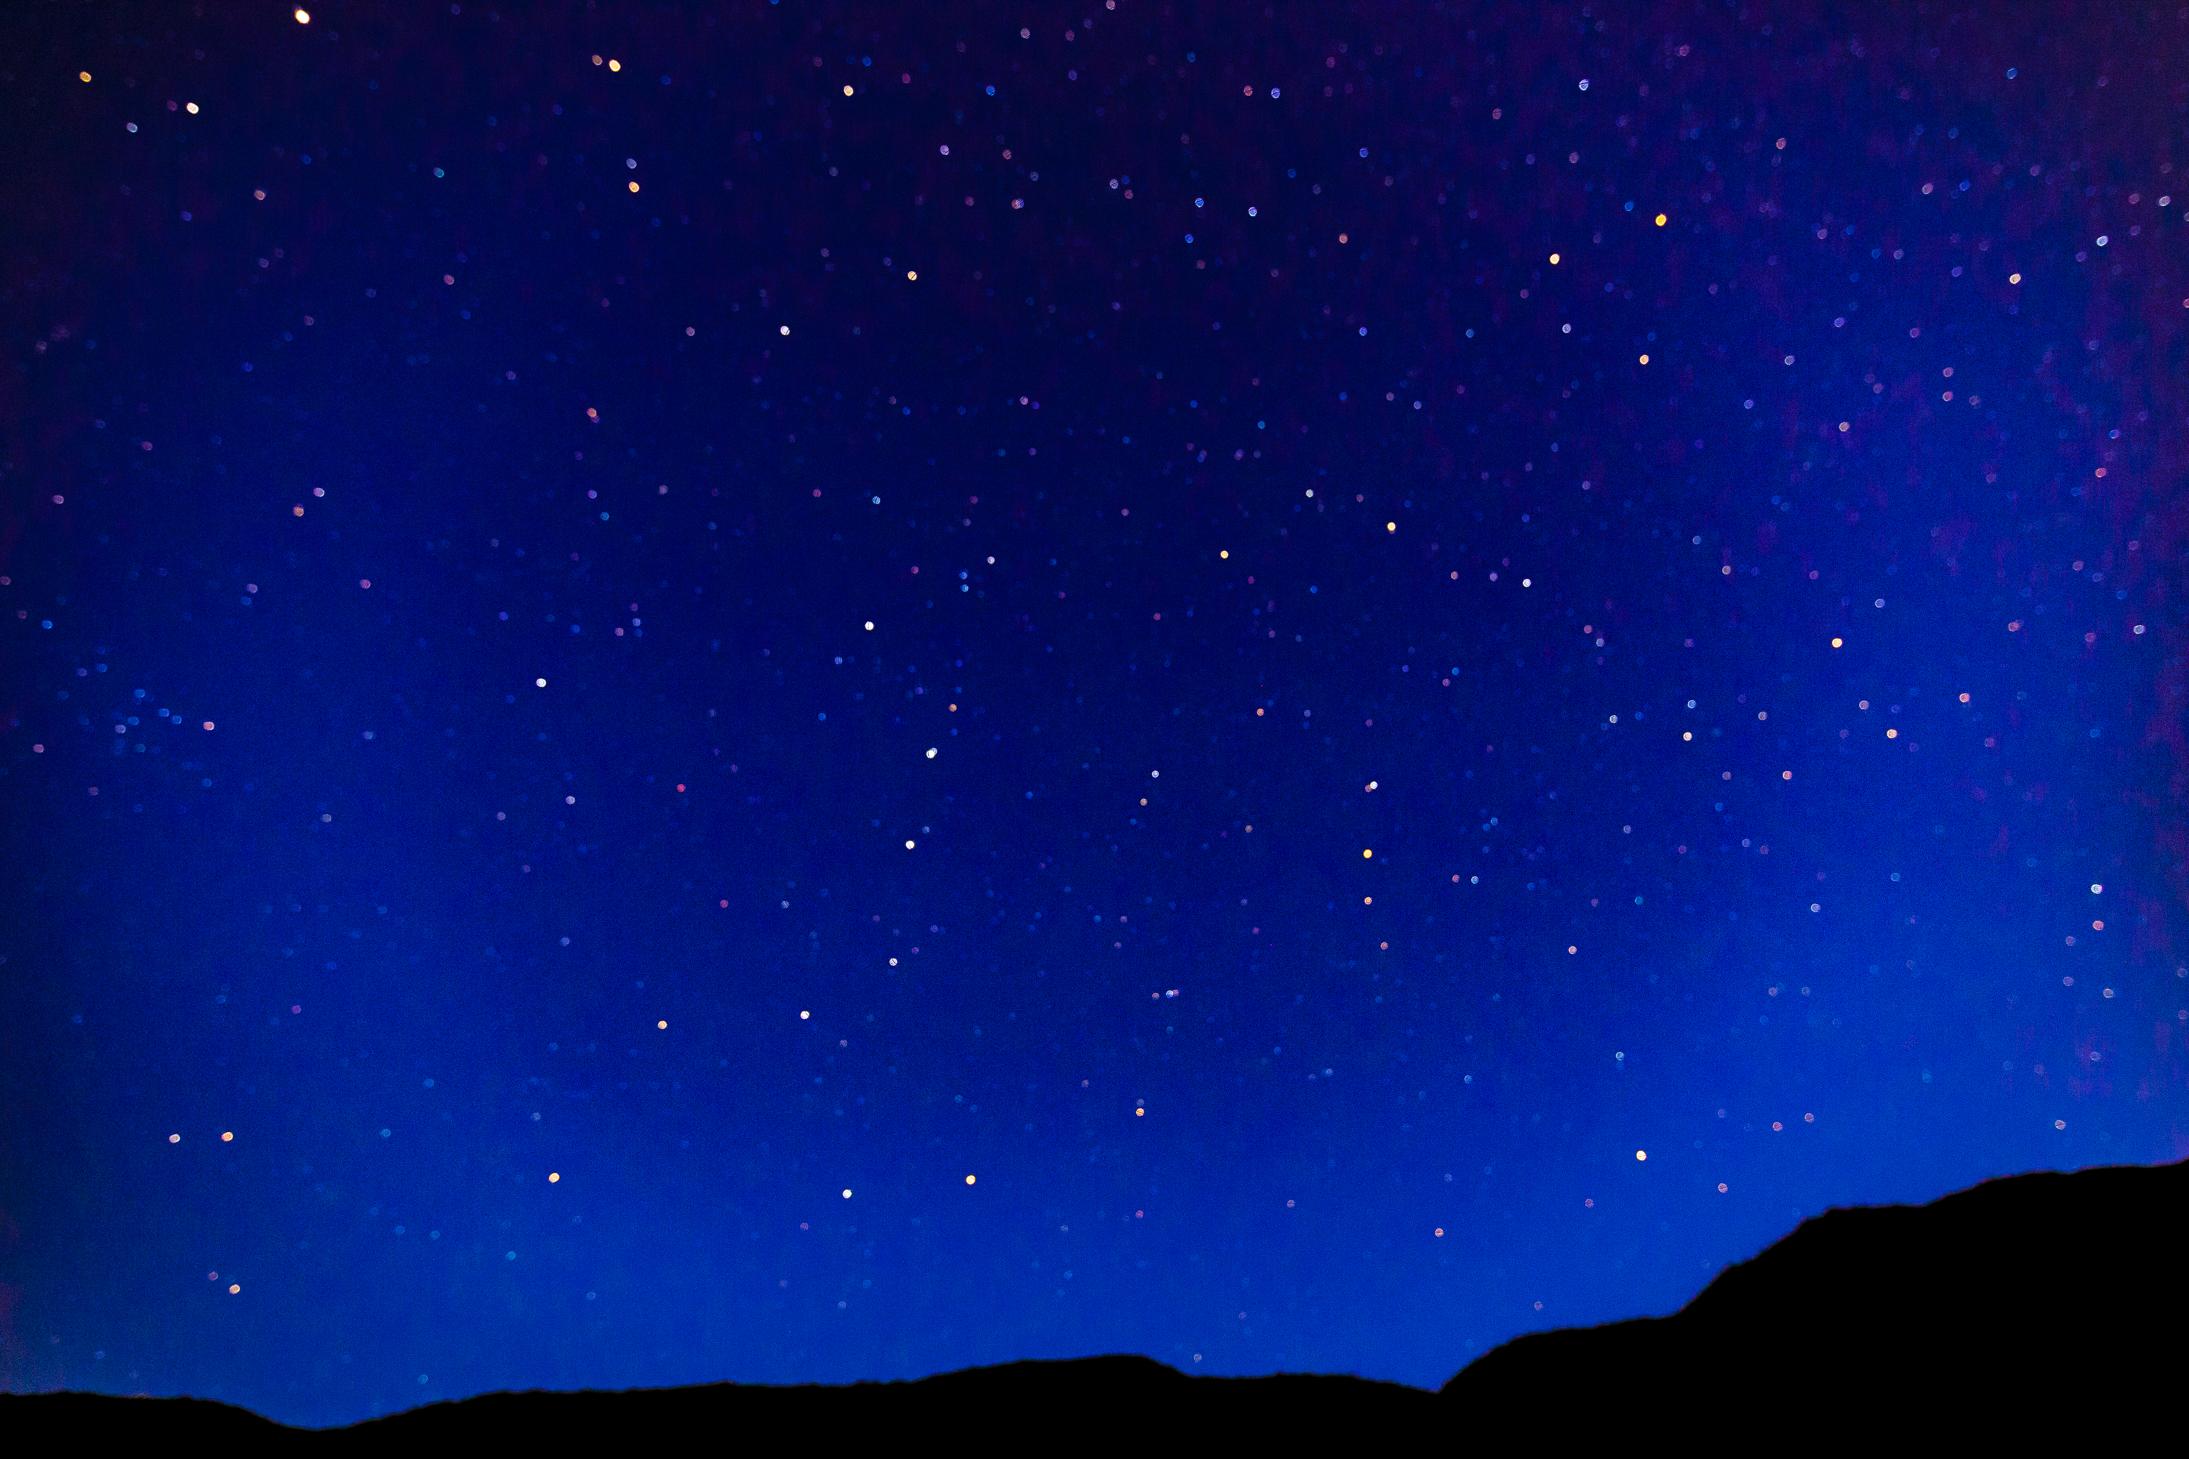 宇検村ナイトツアー:満天の星空